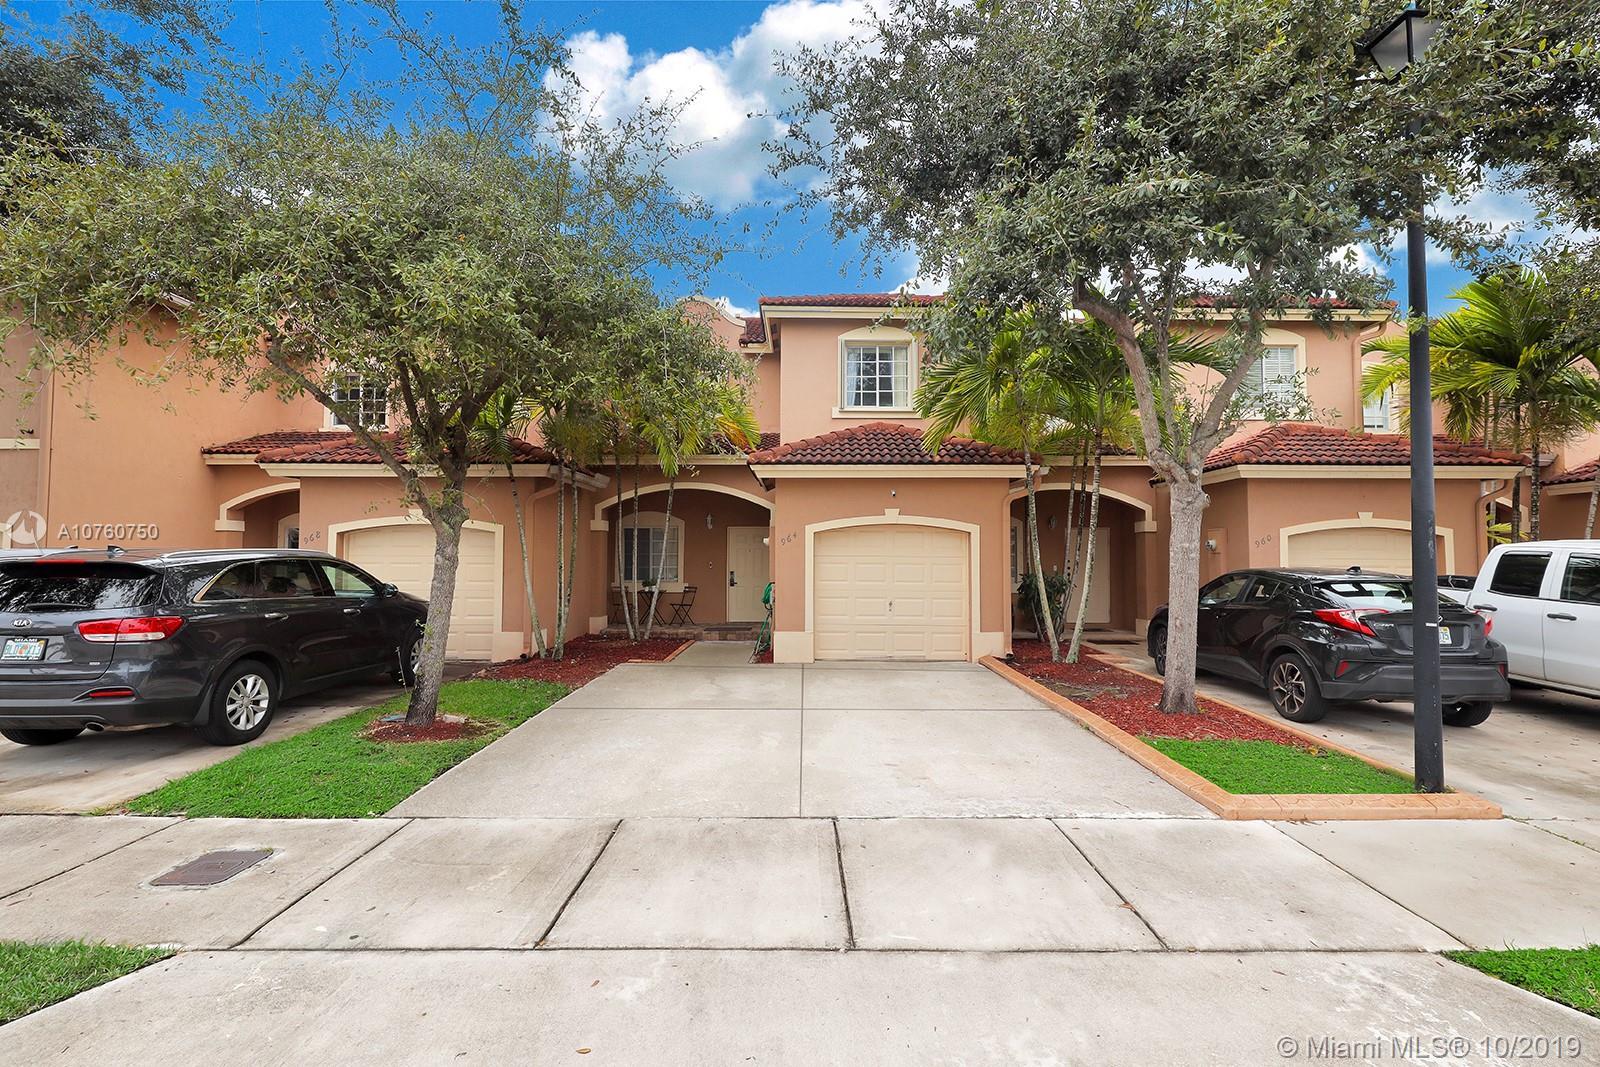 964 SW 148th Pl 0, Miami, FL 33194